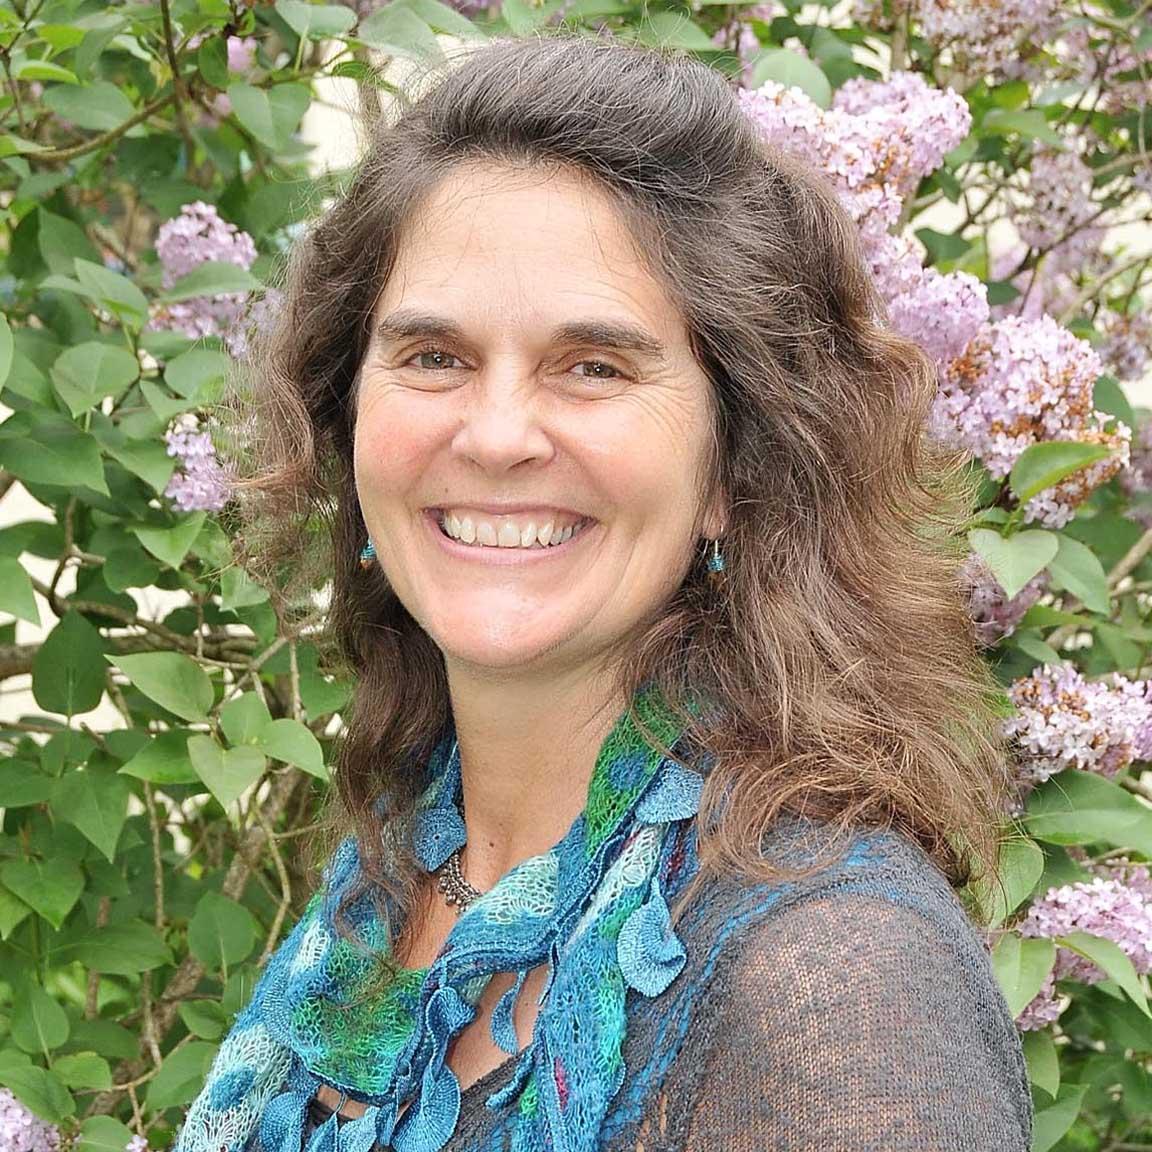 Amanda Bellamy